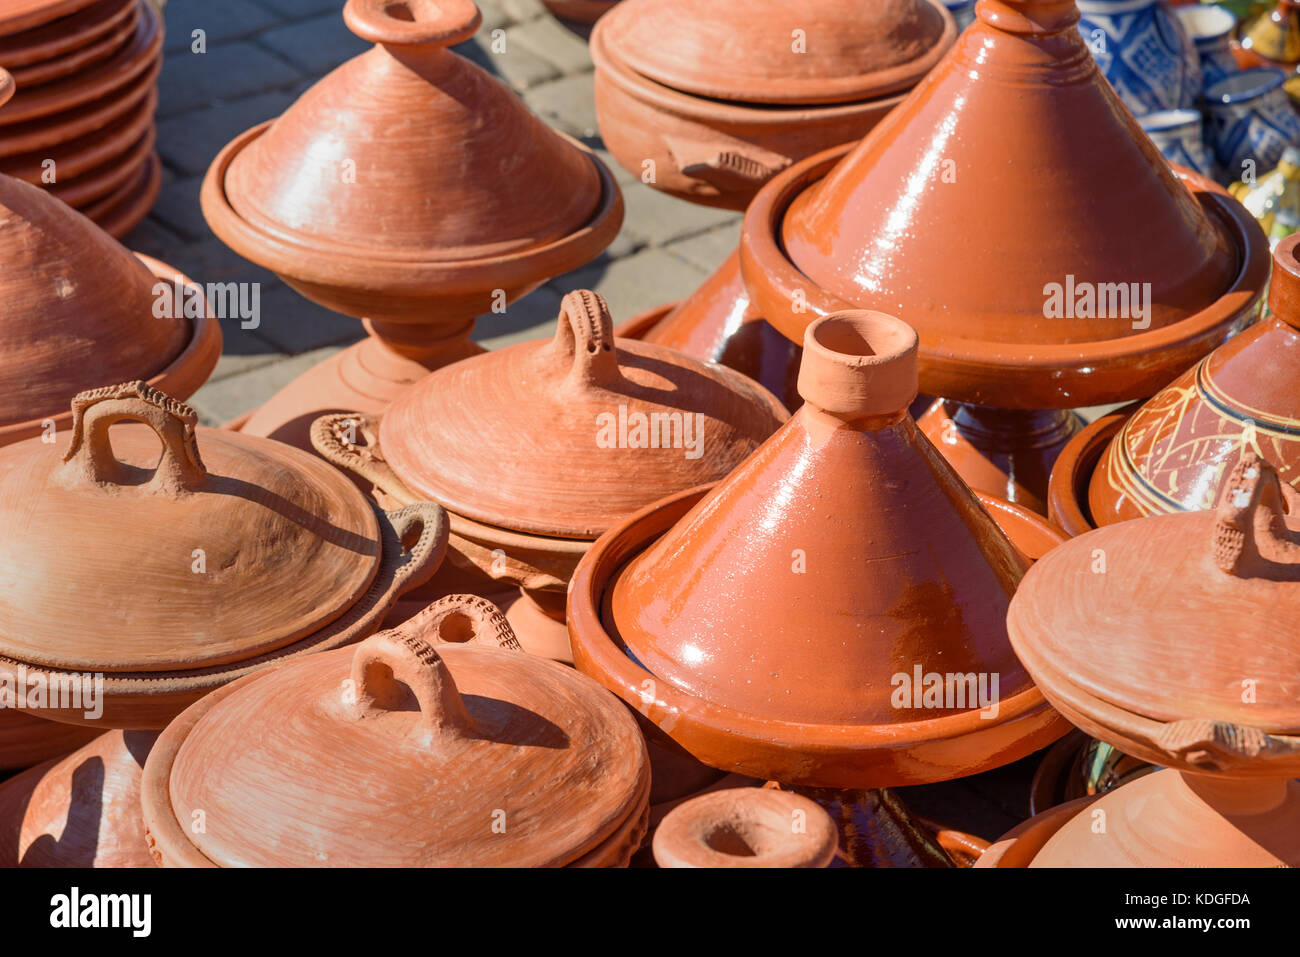 Cerámica Tradicional tagins para venta en el mercado de la ciudad de Meknes. Marruecos Foto de stock